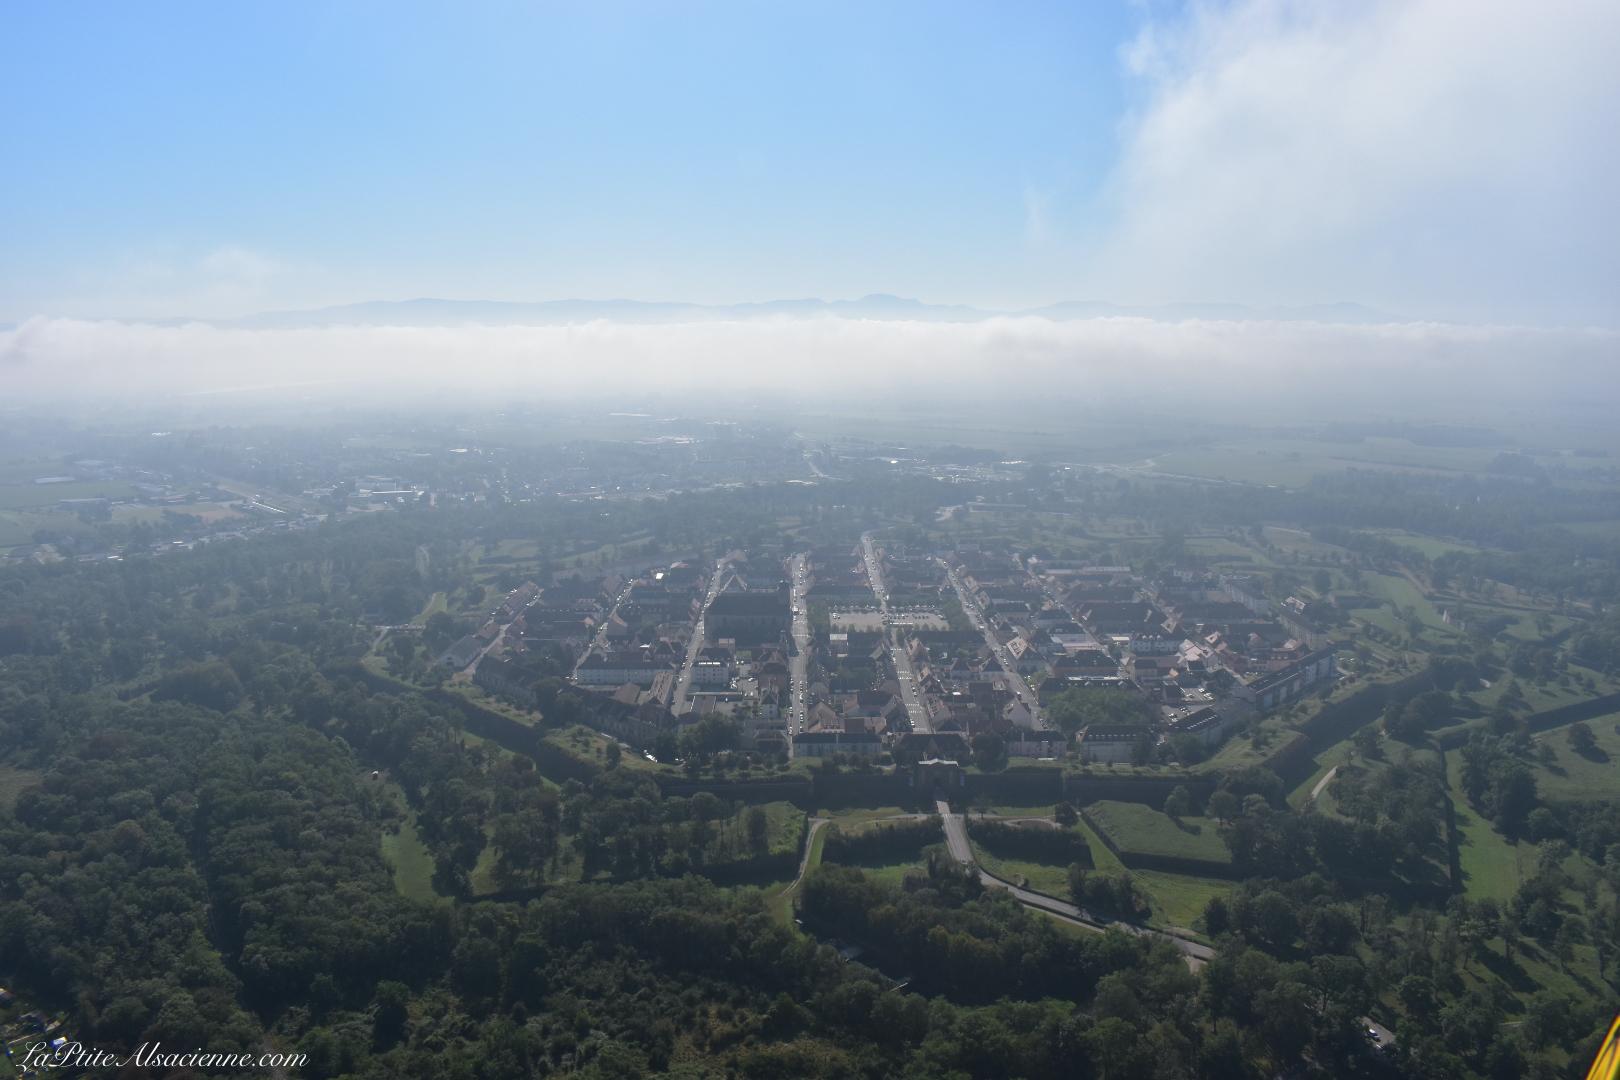 Neuf Brisach et son célèbre fort fortifié par Vauban, vu du ciel. Photo de Cendrine Miesch dite LaPtiteAlsacienne